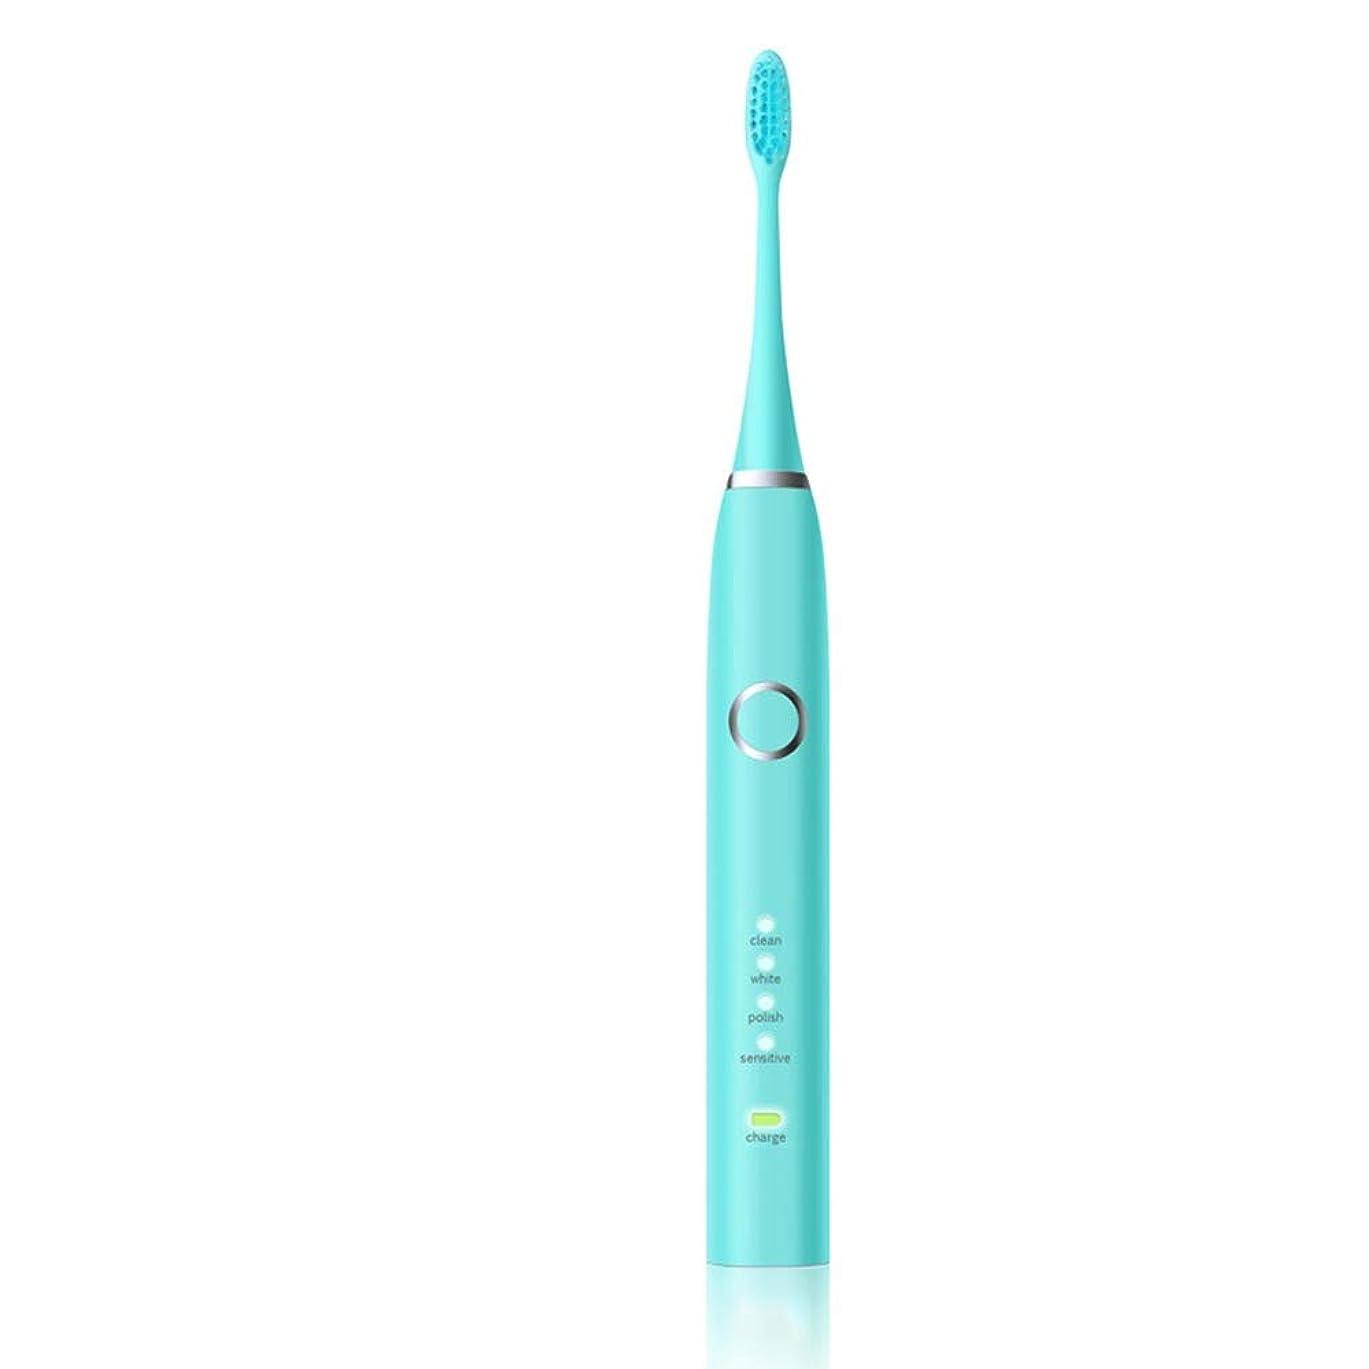 ペイント承認するメロドラマティック歯ブラシを白くするUSB??の充満基礎ホルダーの柔らかい毛と防水電動歯ブラシ (色 : 緑, サイズ : Free size)